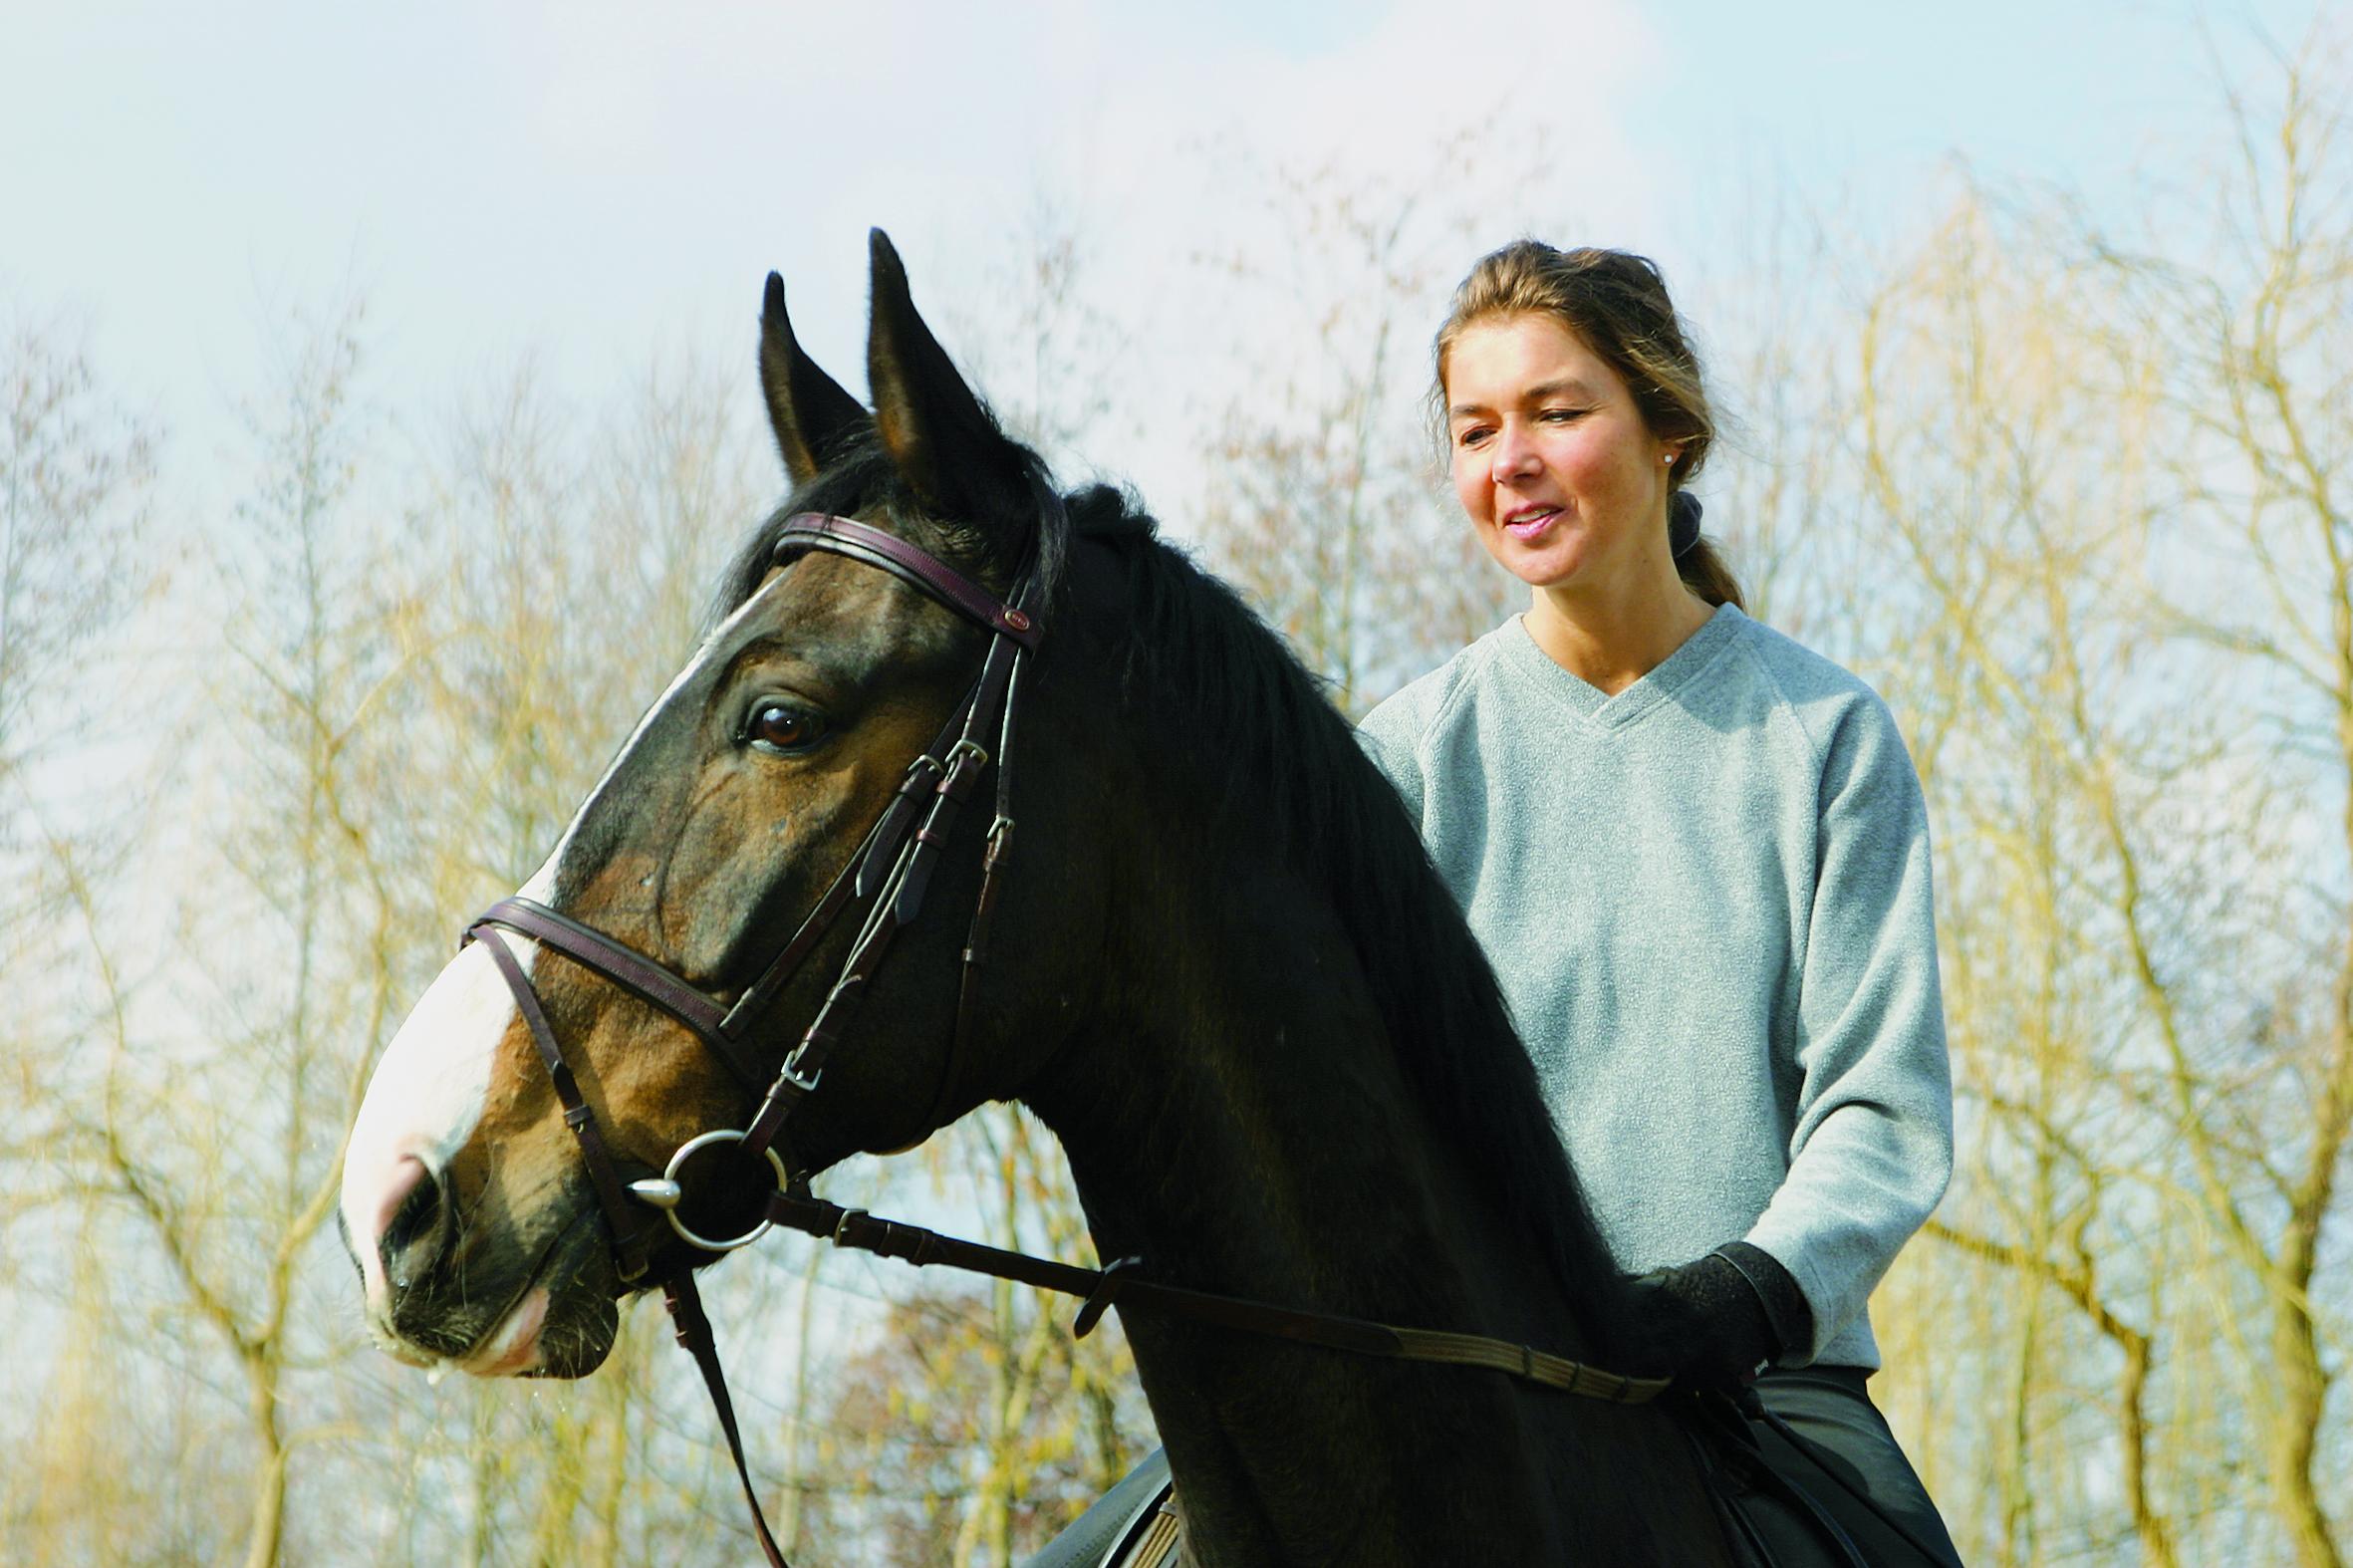 das eigene pferd – traum oder albtraum? - pferdeland brandenburg